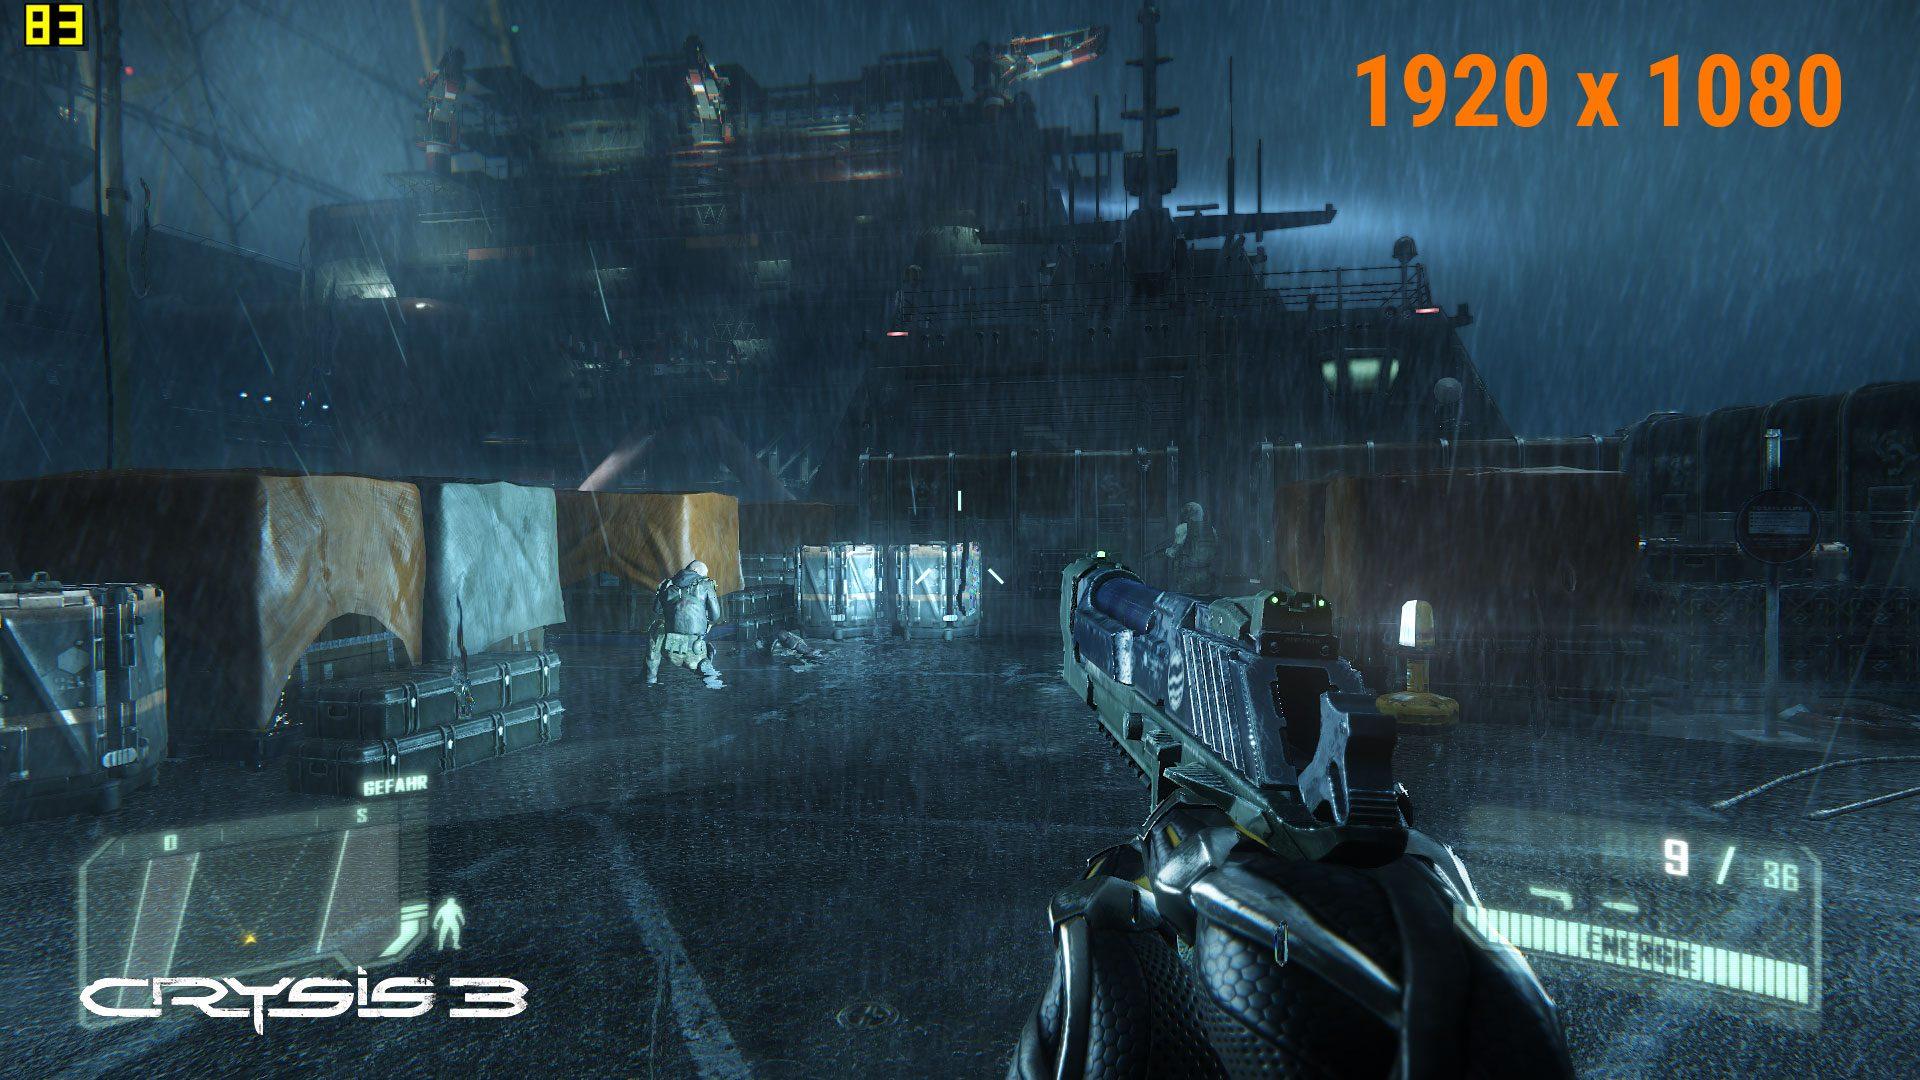 Schenker-XMG-A707-nyd_Games-5